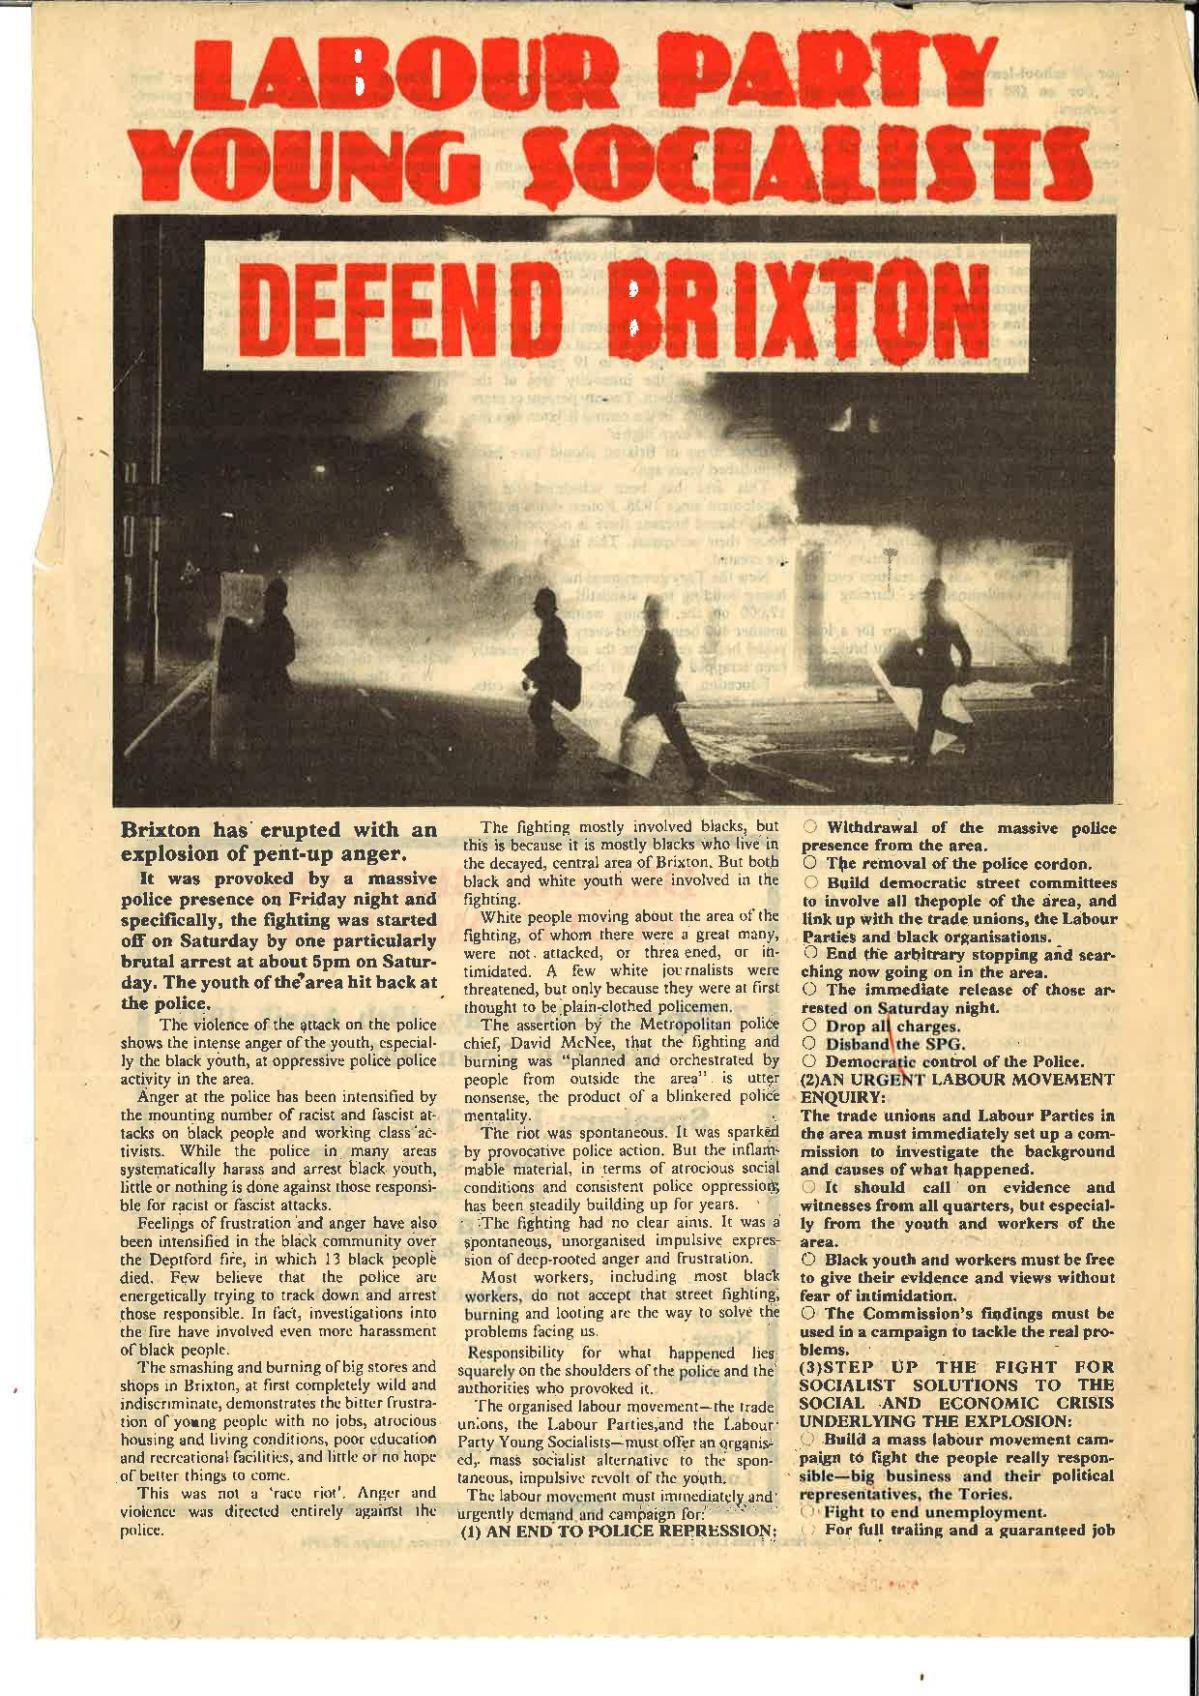 Socialist responses to Brixton riots1981